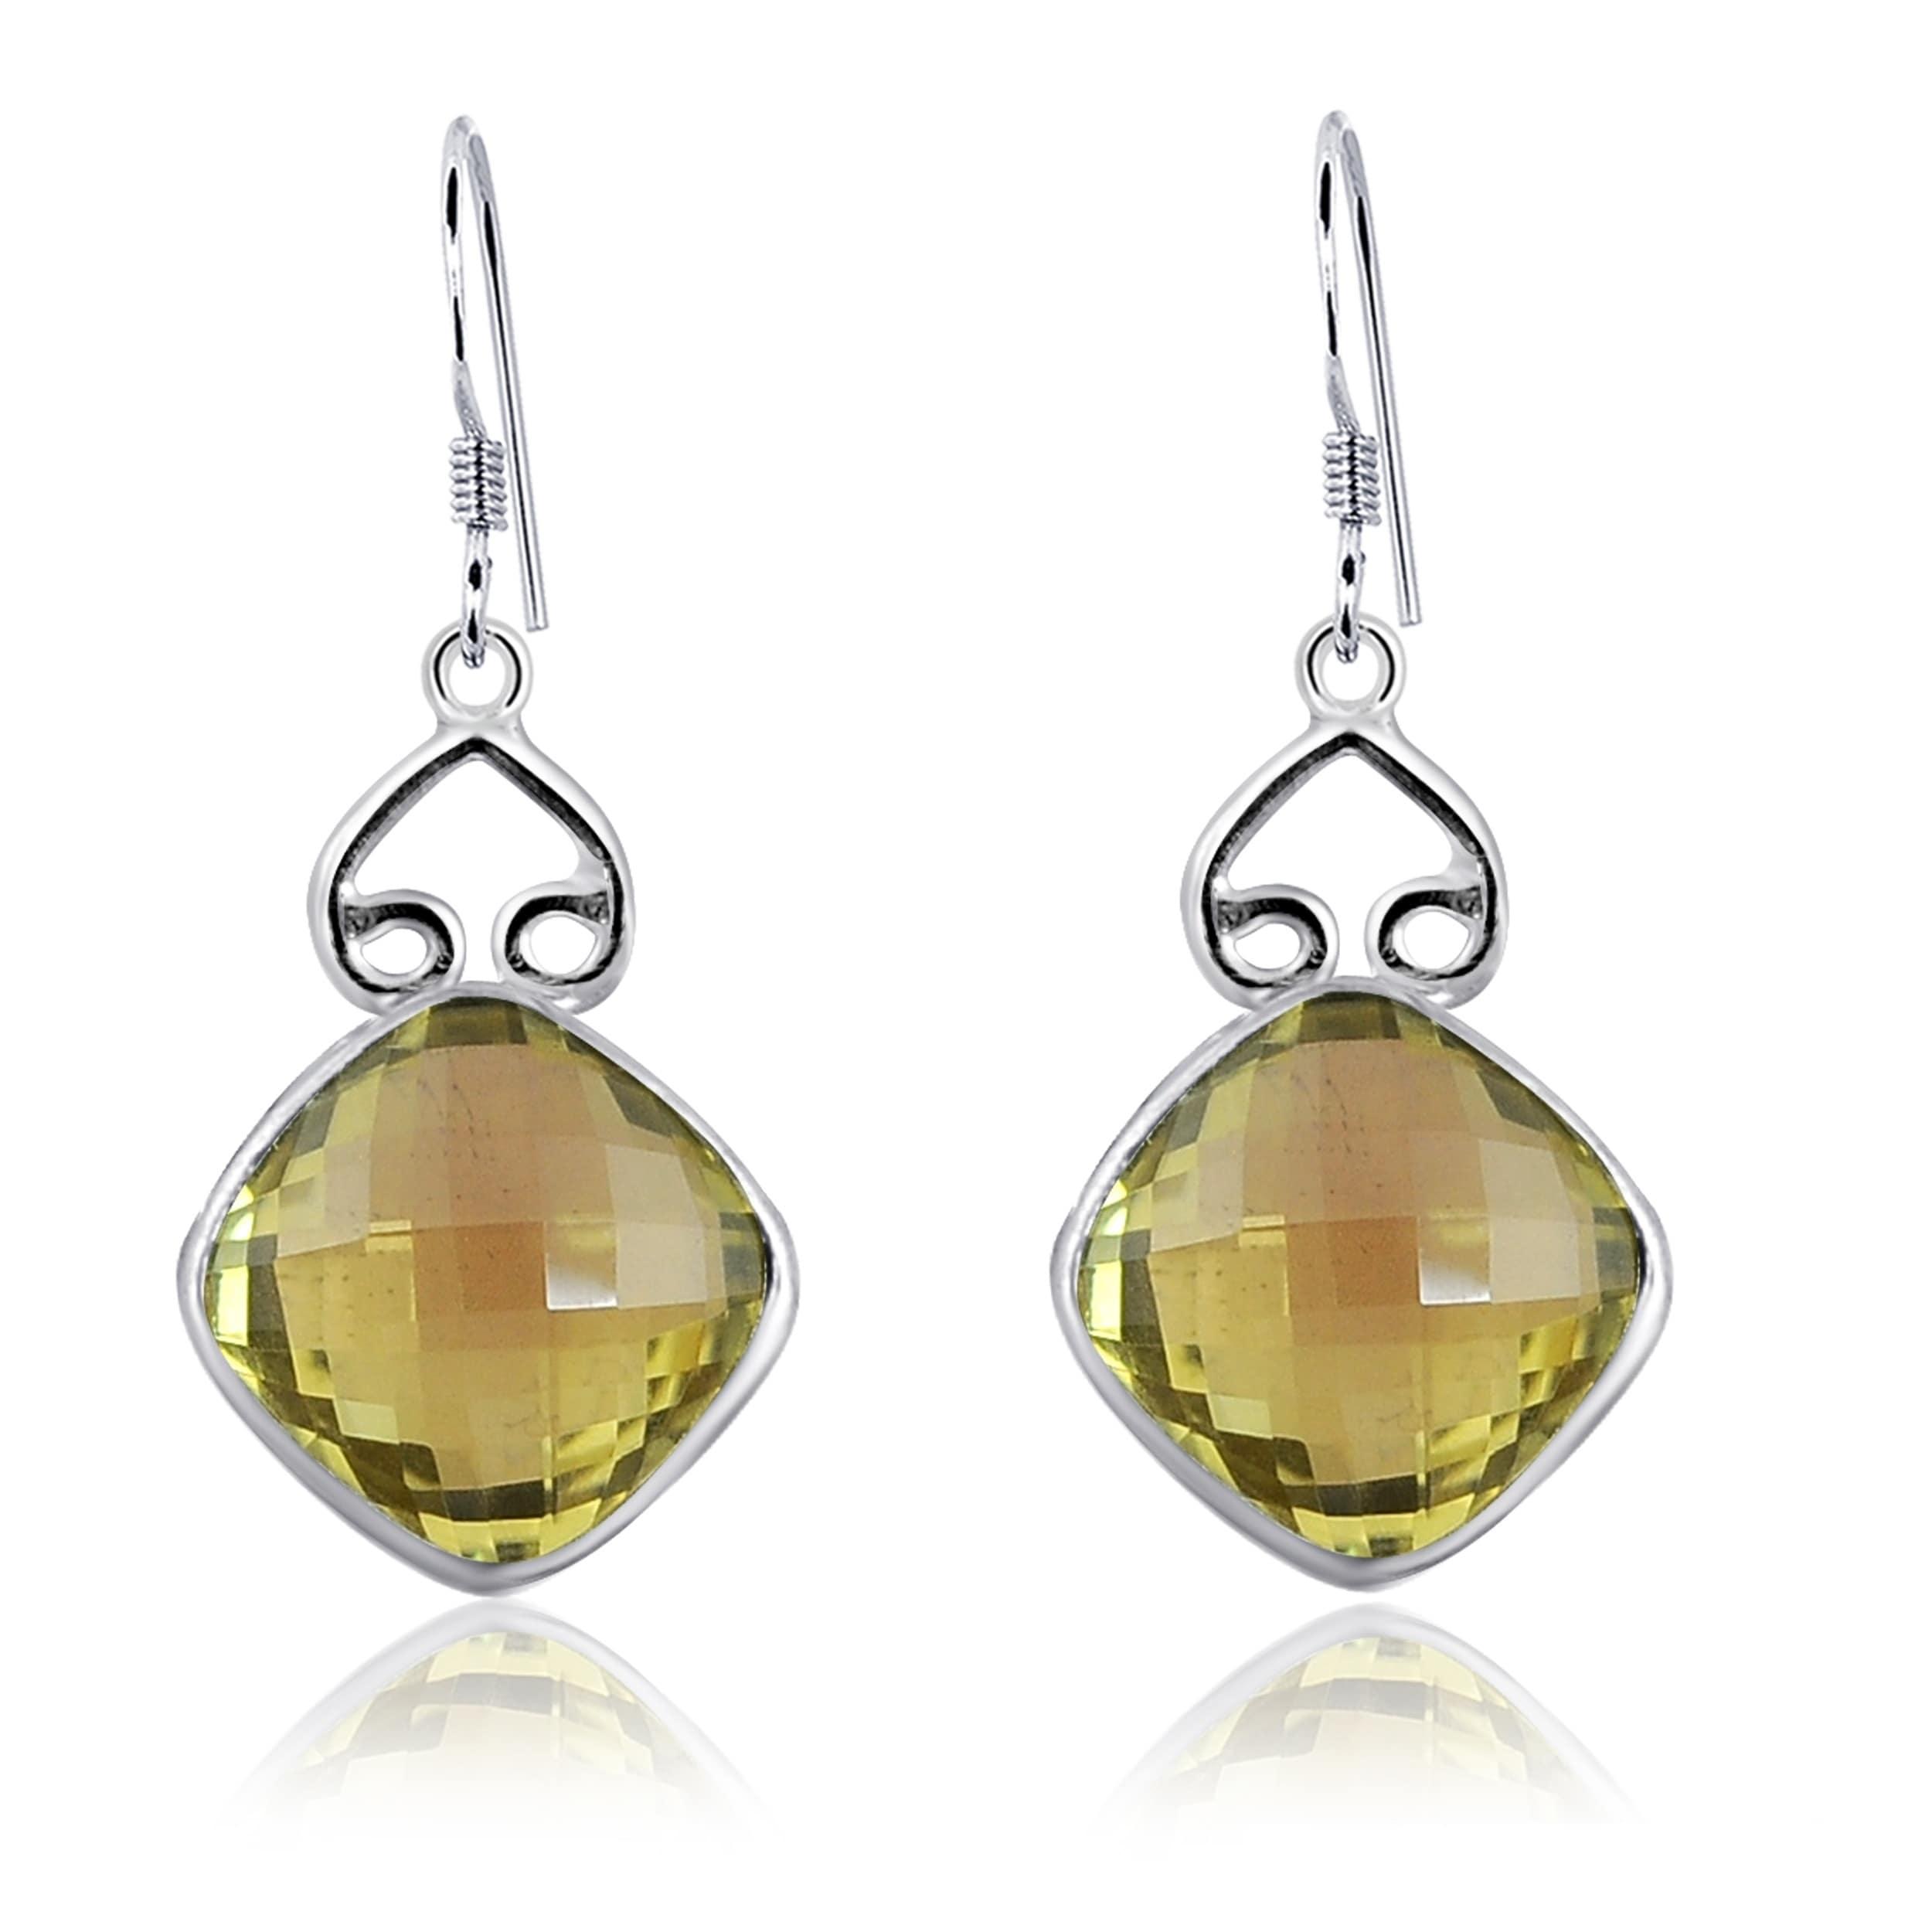 925 Sterling Silver Lemon Quartz Dangle Post Earrings